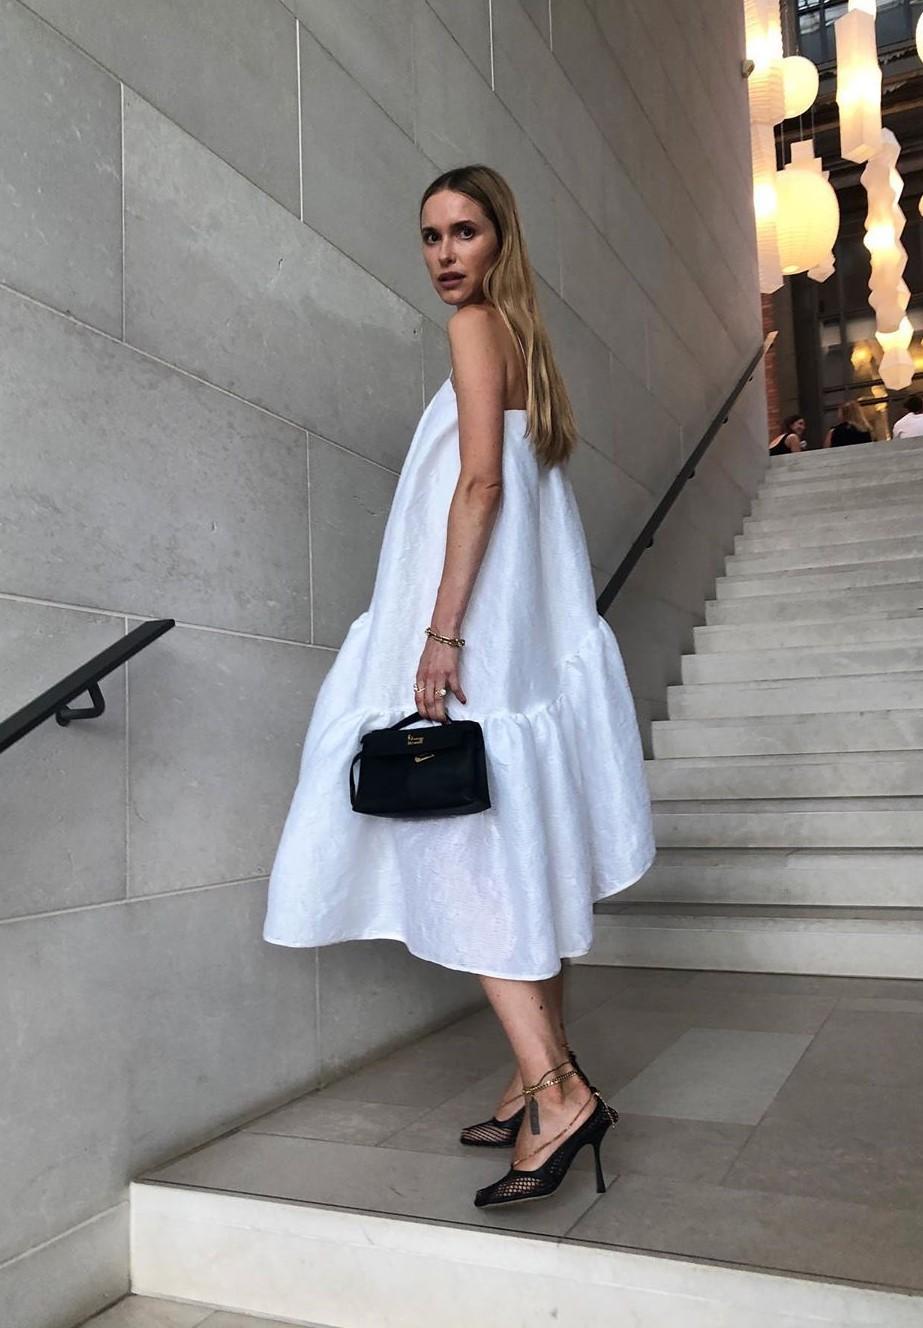 dress look de pernille pernille teisbaek blogger midi dress white white dress